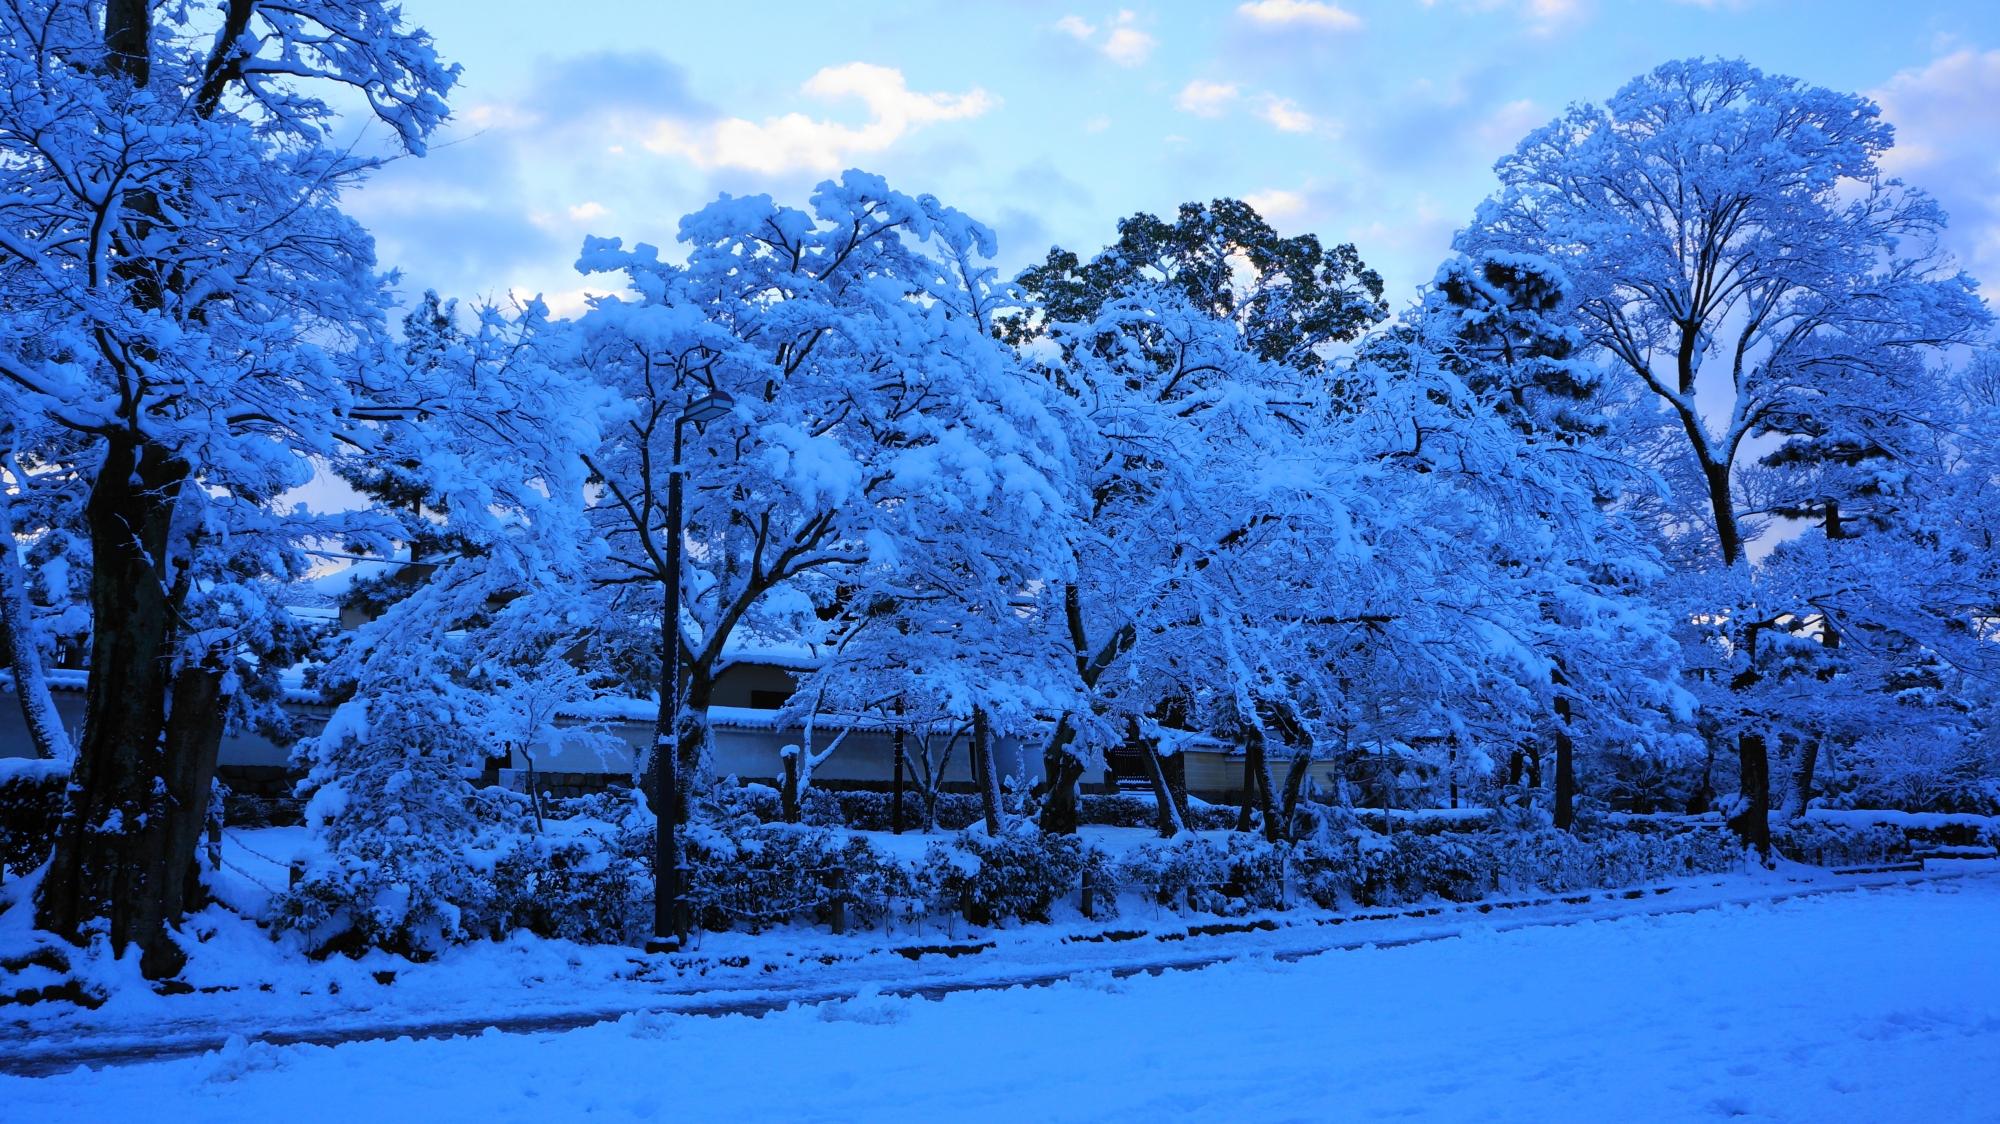 建仁寺の真っ白にそまった境内に咲く満開の雪の花